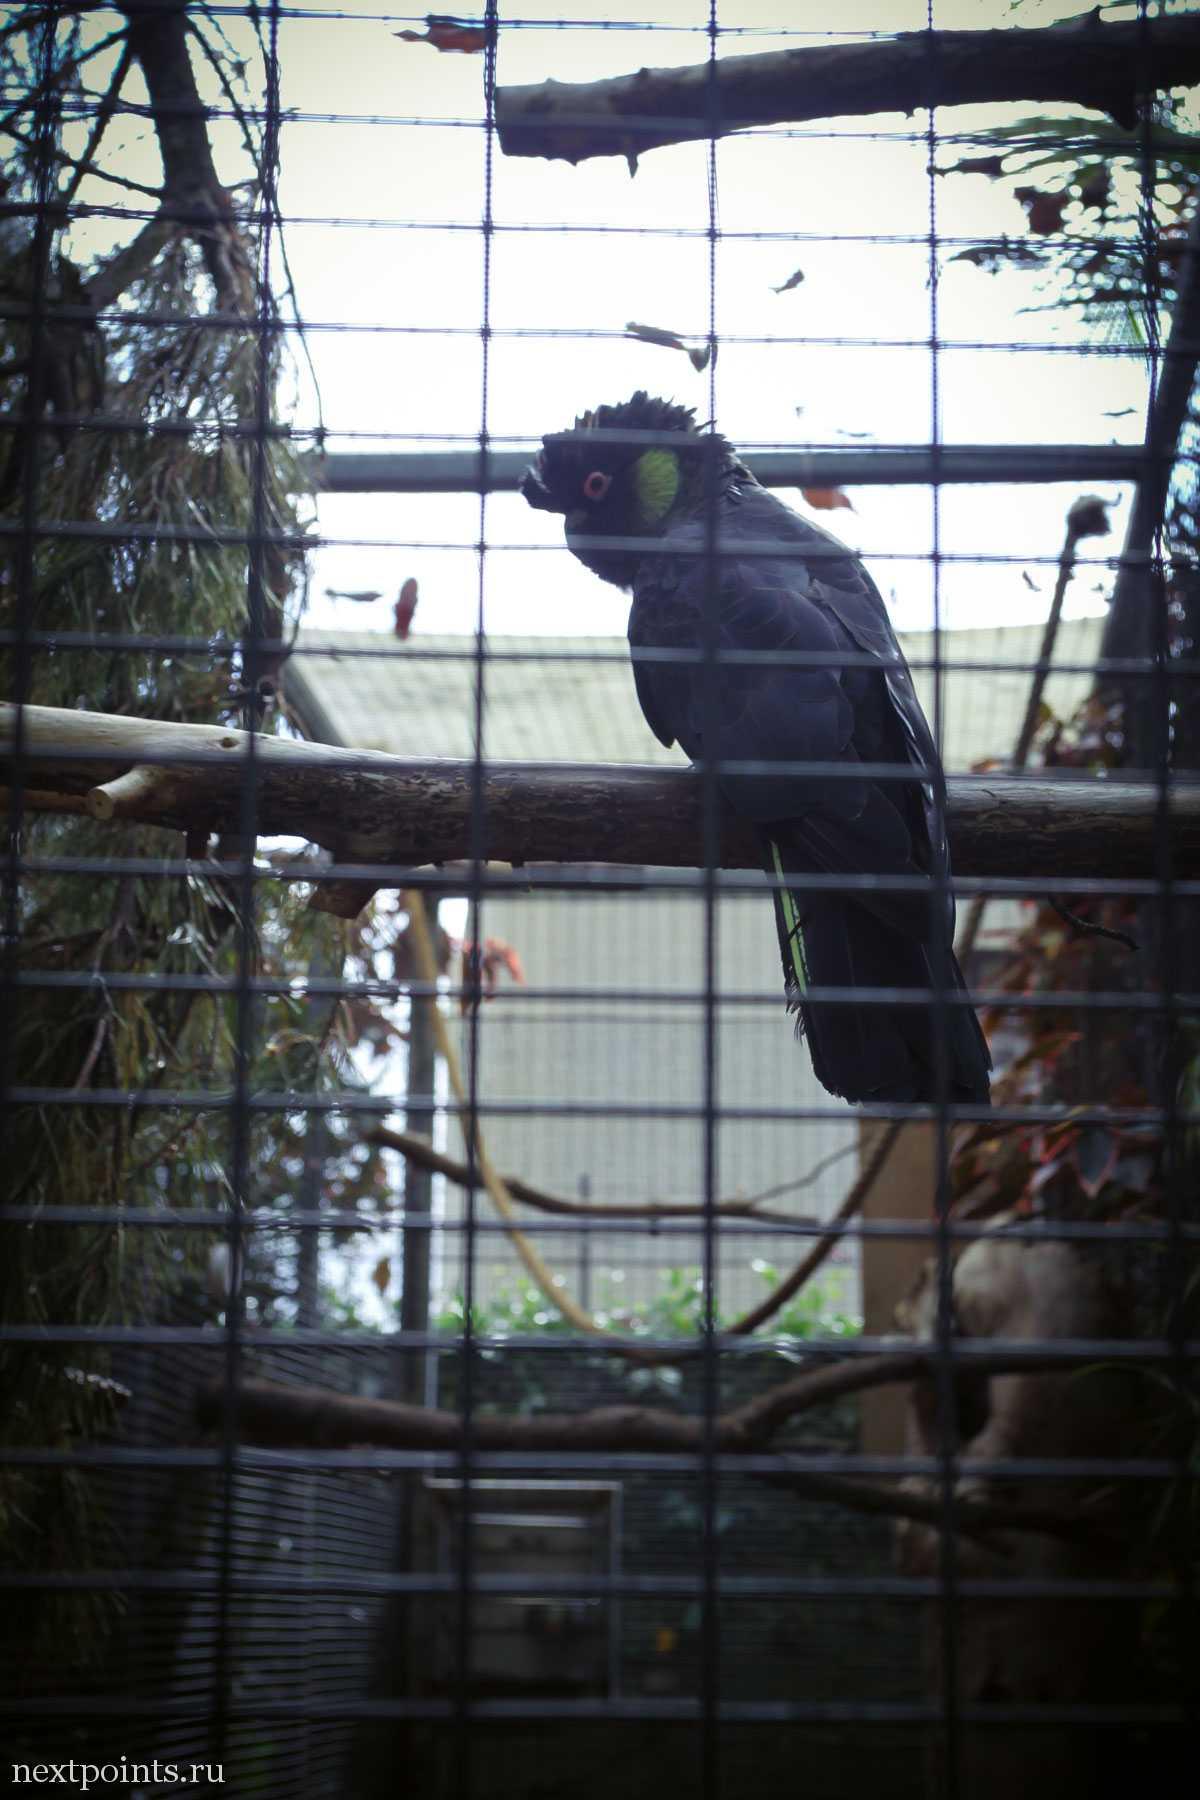 Попугай в голубом фильтре